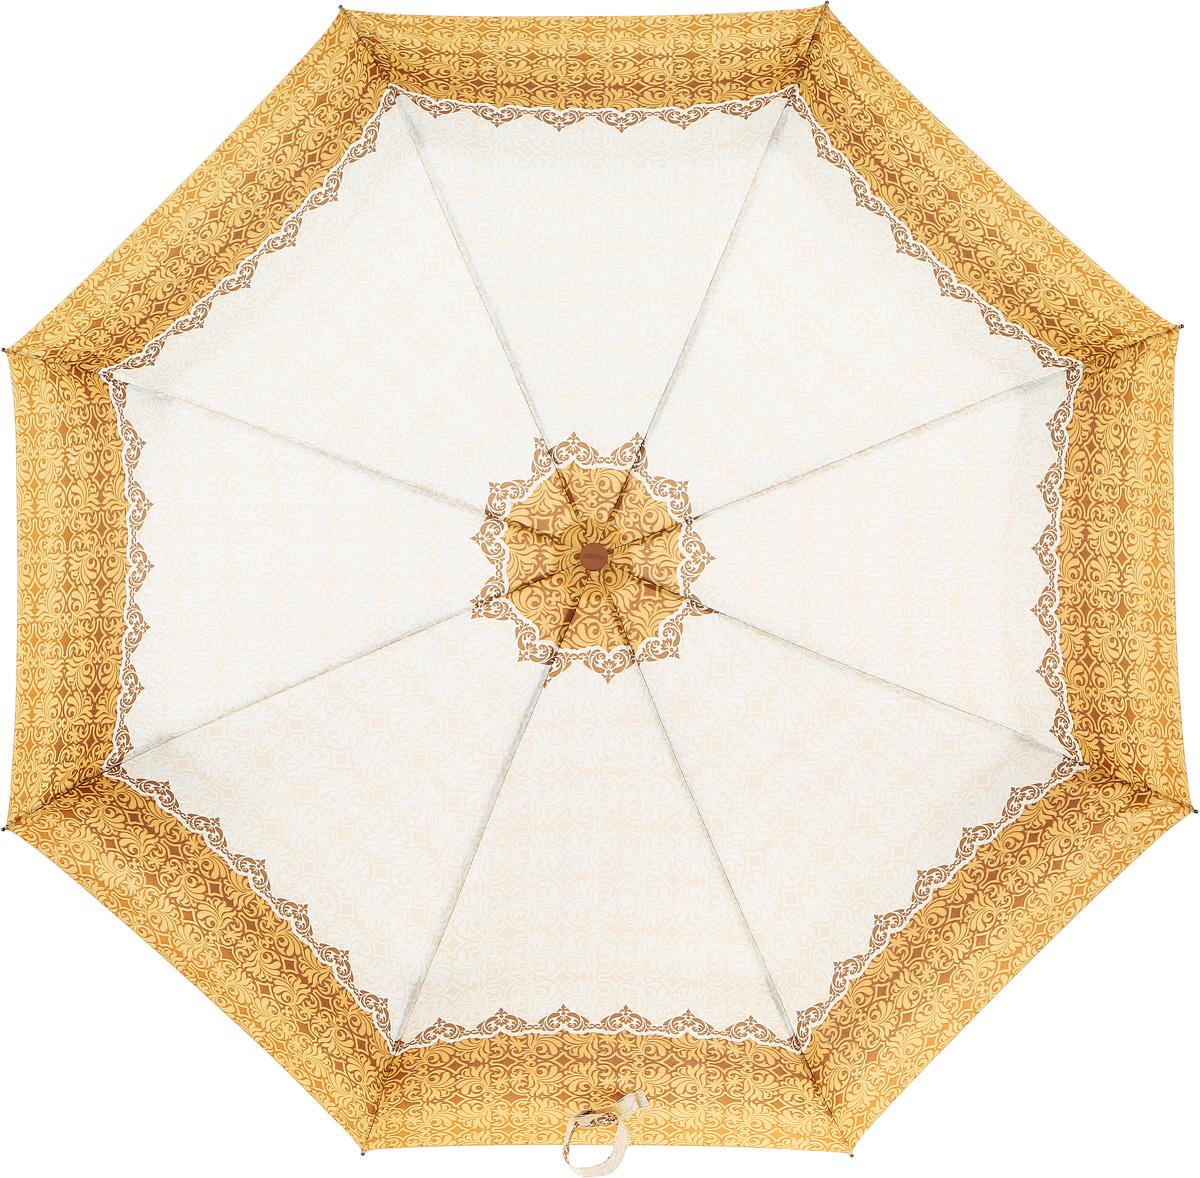 Зонт женский Airton, механический, 3 сложения, цвет: оранжевый, слоновая кость. 3515-1508B035000M/18075/3900NКлассический женский зонт Airton в 3 сложения имеет механическую систему открытия и закрытия.Каркас зонта выполнен из восьми спиц на прочном стержне. Купол зонта изготовлен из прочного полиэстера. Практичная рукоятка закругленной формы разработана с учетом требований эргономики и выполнена из качественного пластика.Такой зонт оснащен системой антиветер, которая позволяет спицам при порывах ветрах выгибаться наизнанку, и при этом не ломаться. К зонту прилагается чехол.